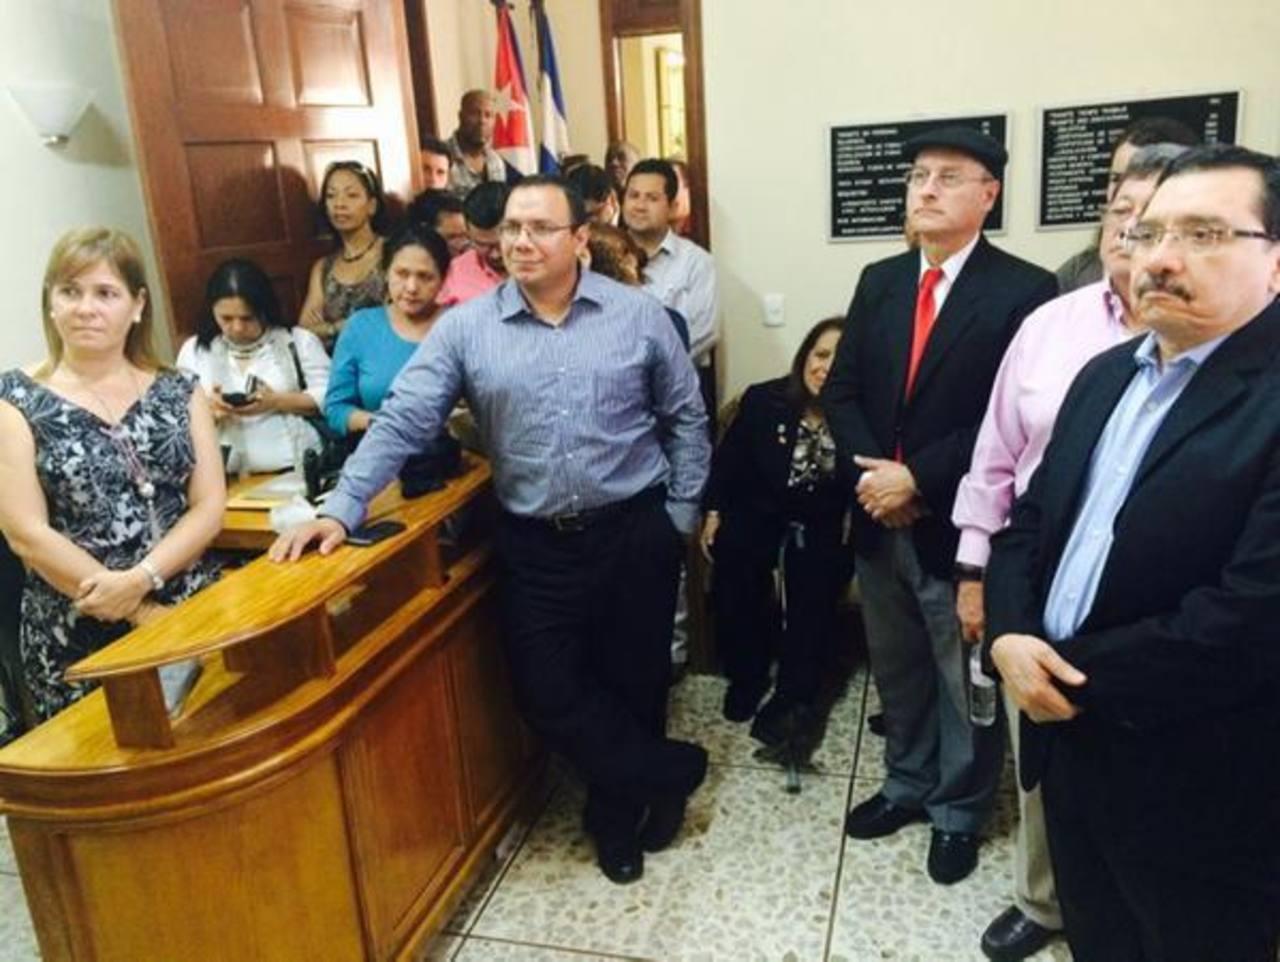 La dirigencia del FMLN, encabezada por el secretario general, Medardo González y José Luis Merino, acompañaron ayer a la embajadora de Cuba acreditada en el país, Iliana Fonseca. Además participaron varios diputados oficialistas. FOTO EDH / TWITTER